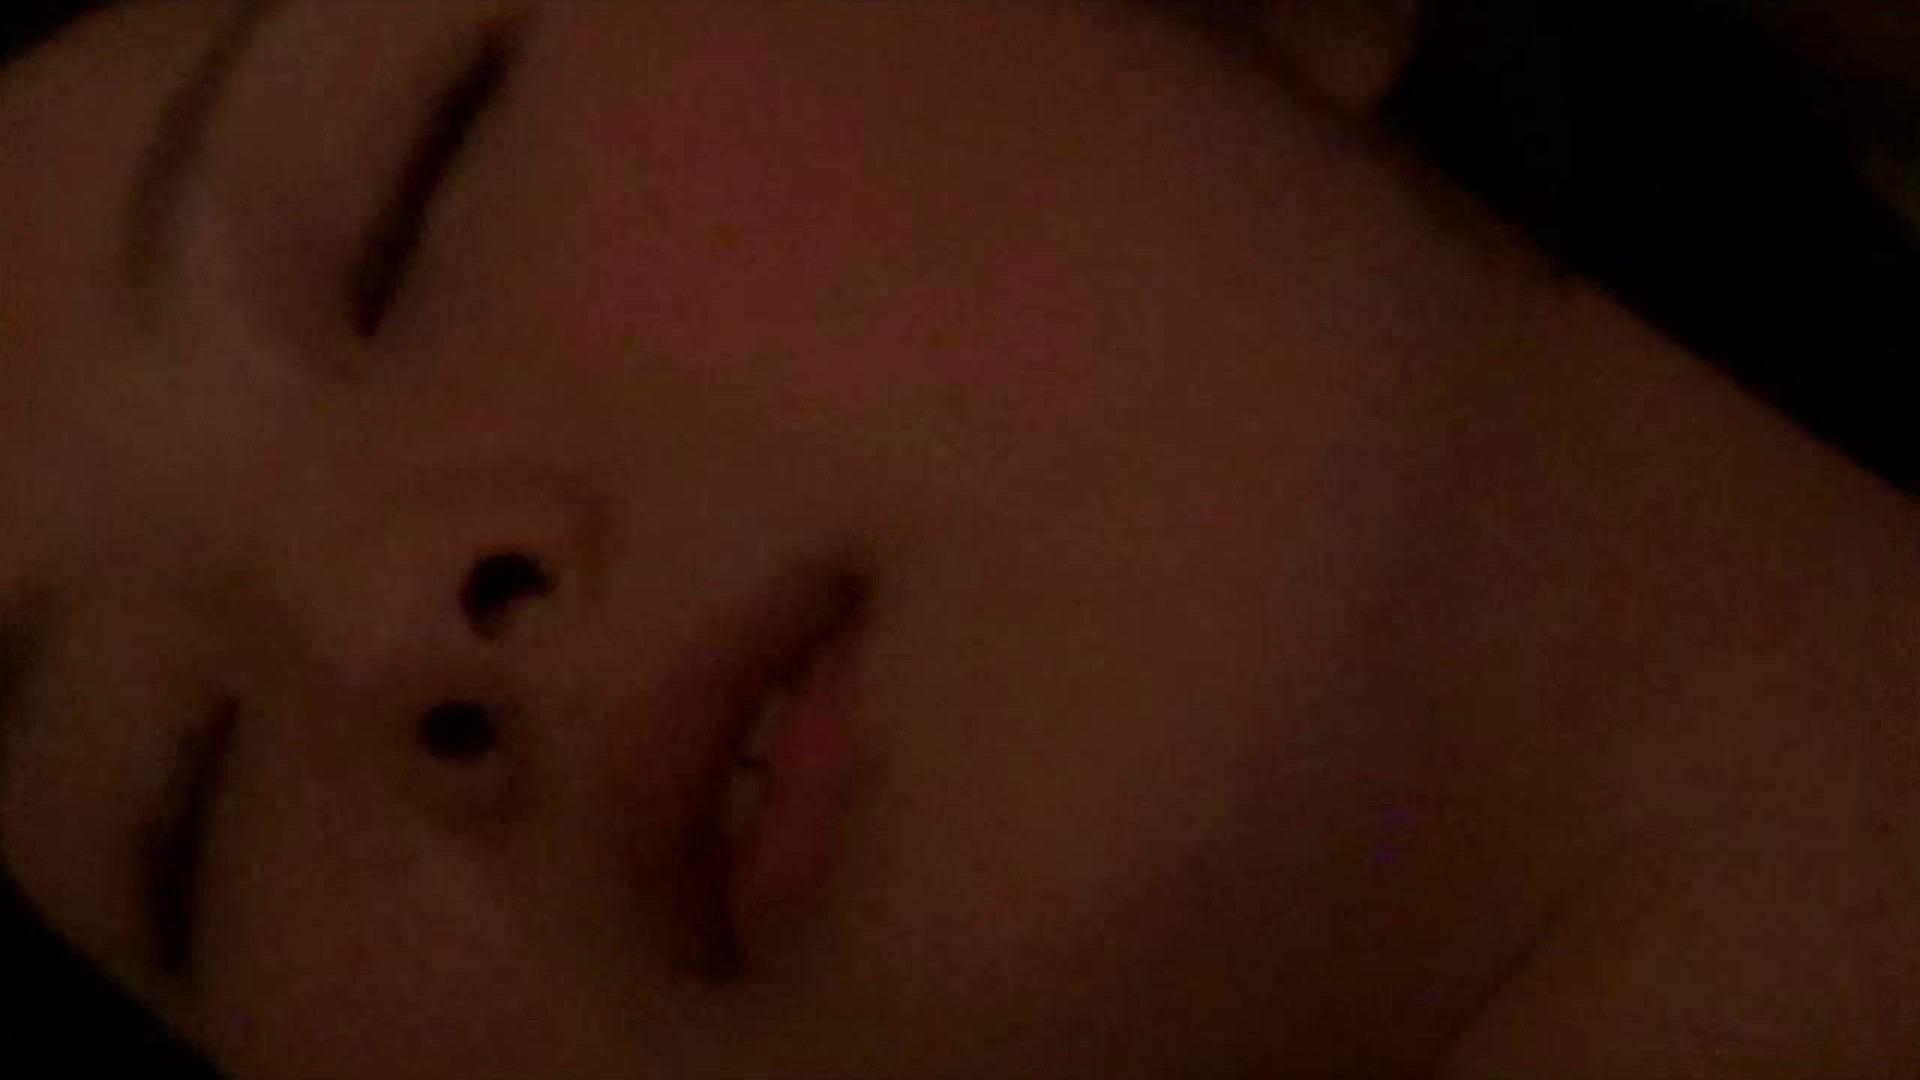 魔術師の お・も・て・な・し vol.29 女子大生のもてなし方 イタズラ 盗み撮り動画キャプチャ 103pic 92